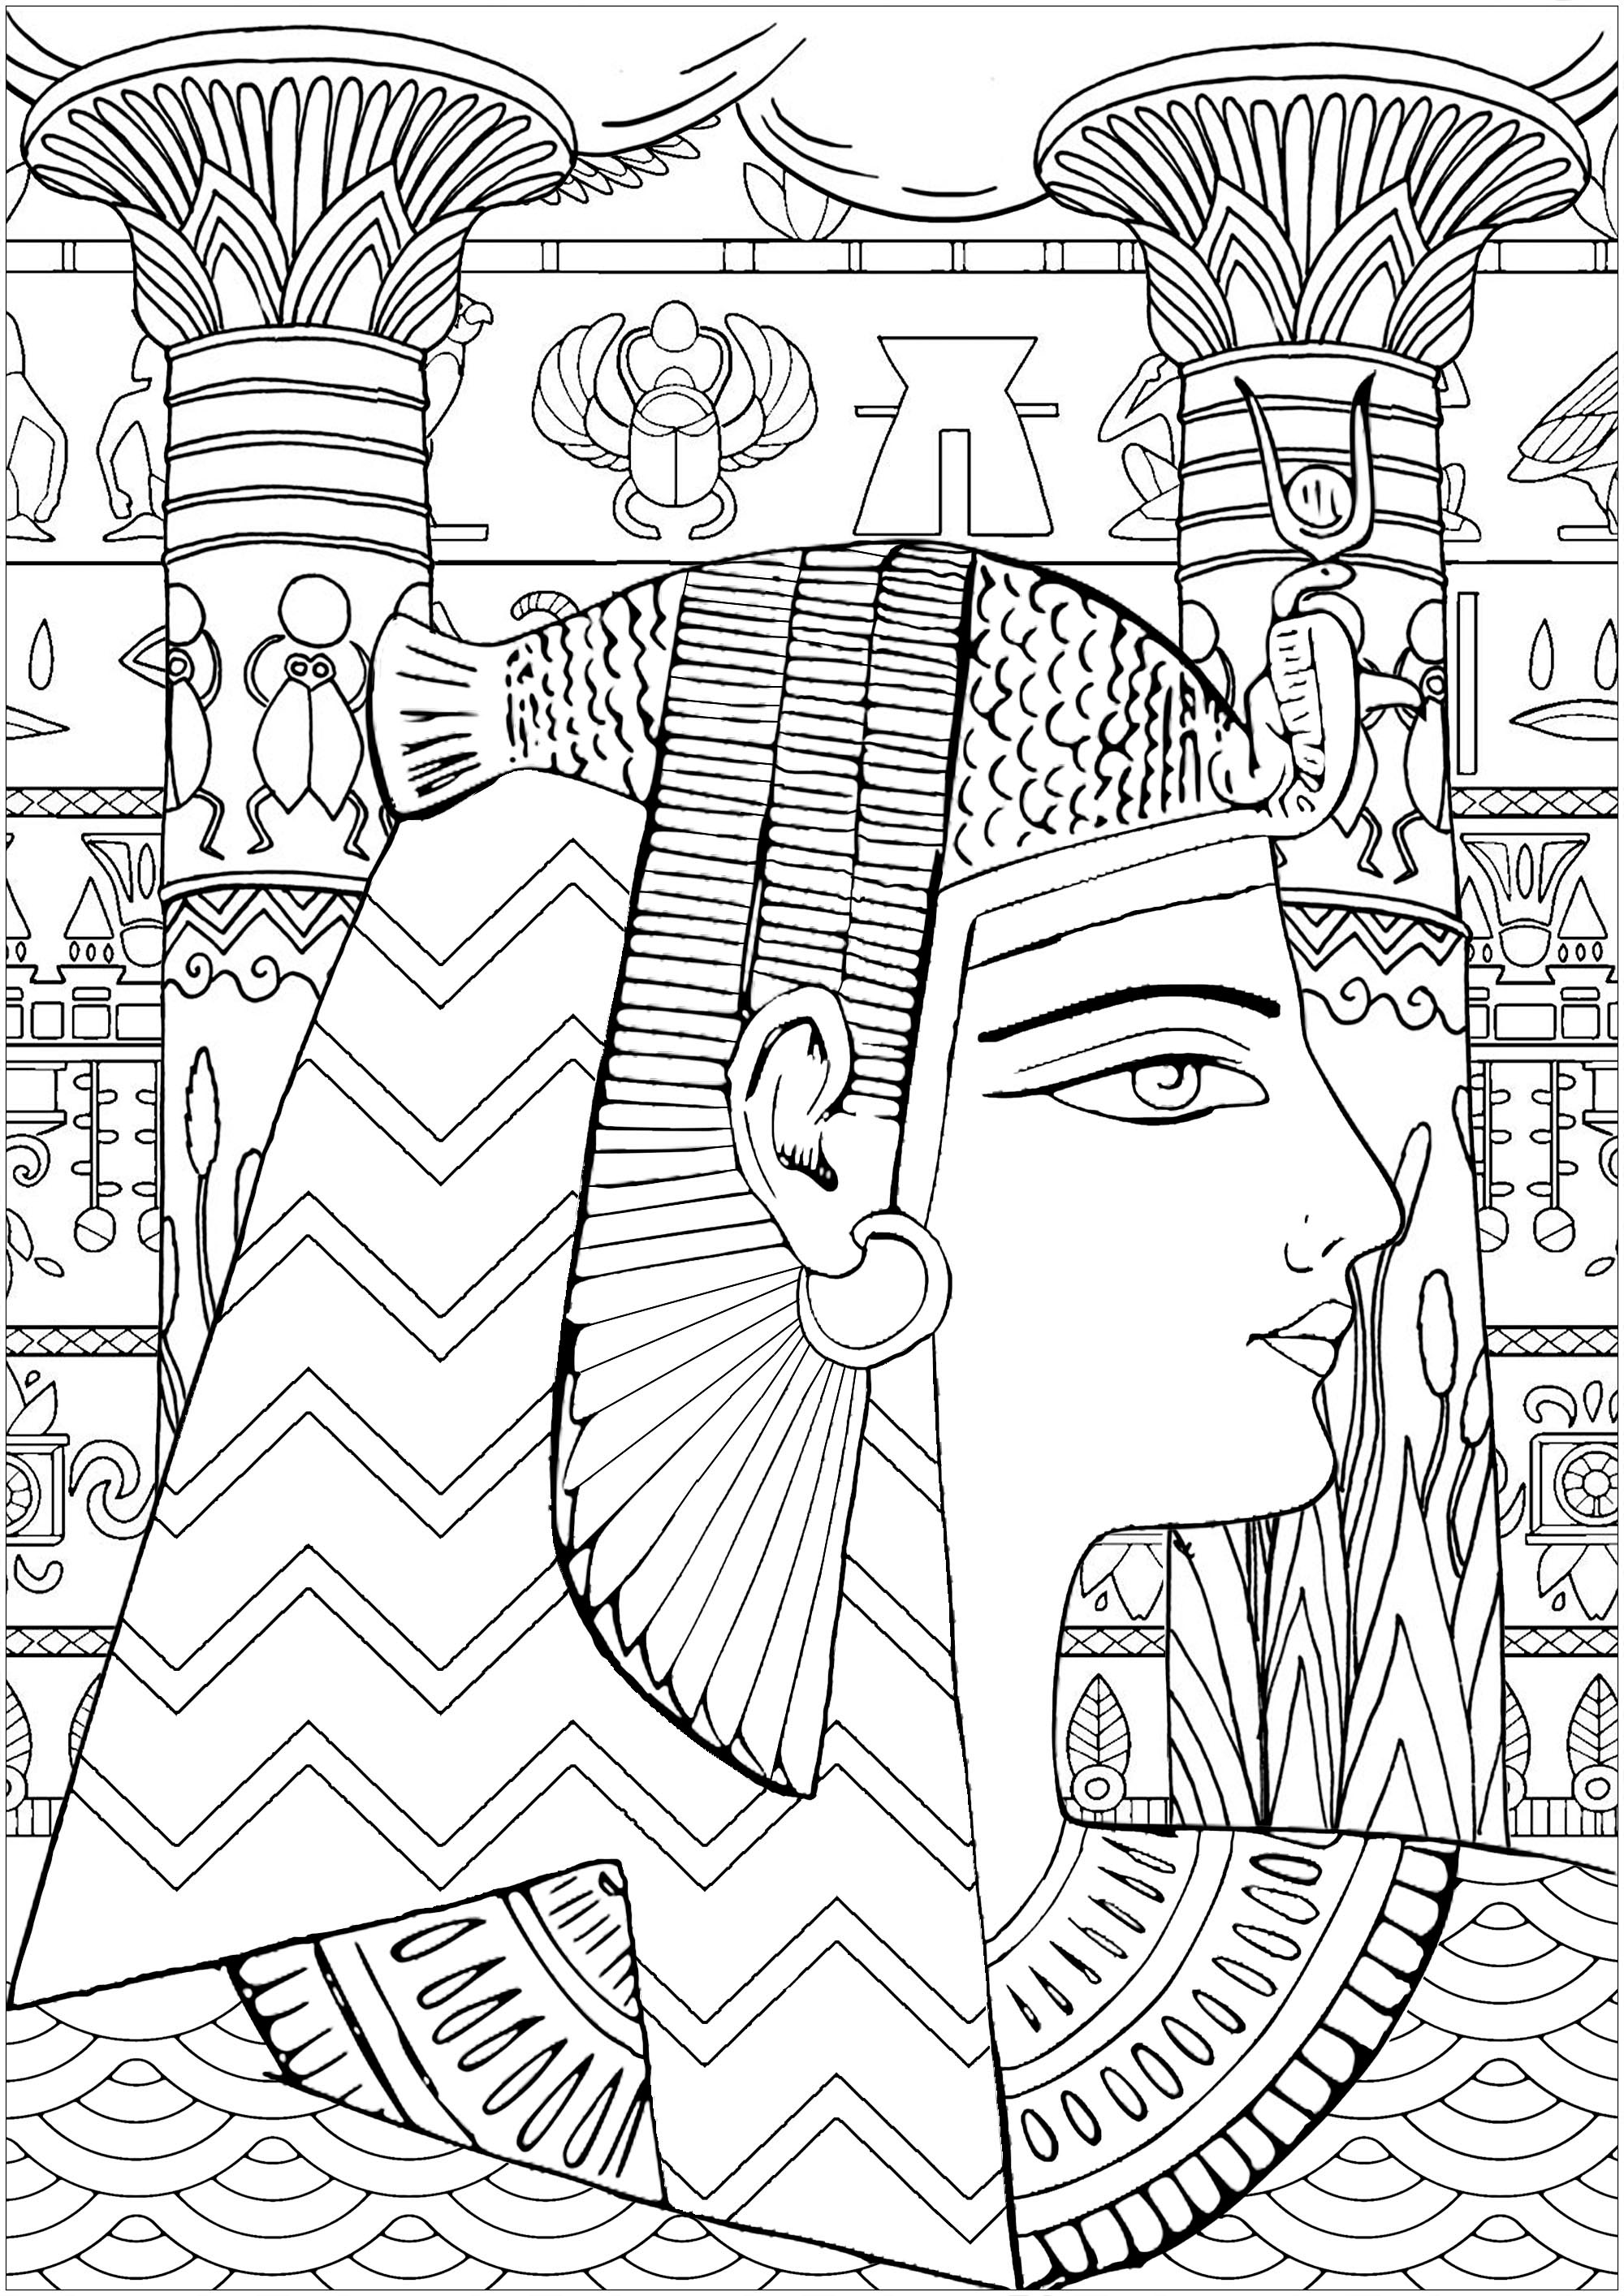 Coloriez cette reine d'Egypte, ses motifs typiques abstraits, avec en fond de beaux piliers de temples et des hiéroglyphes. Version difficile